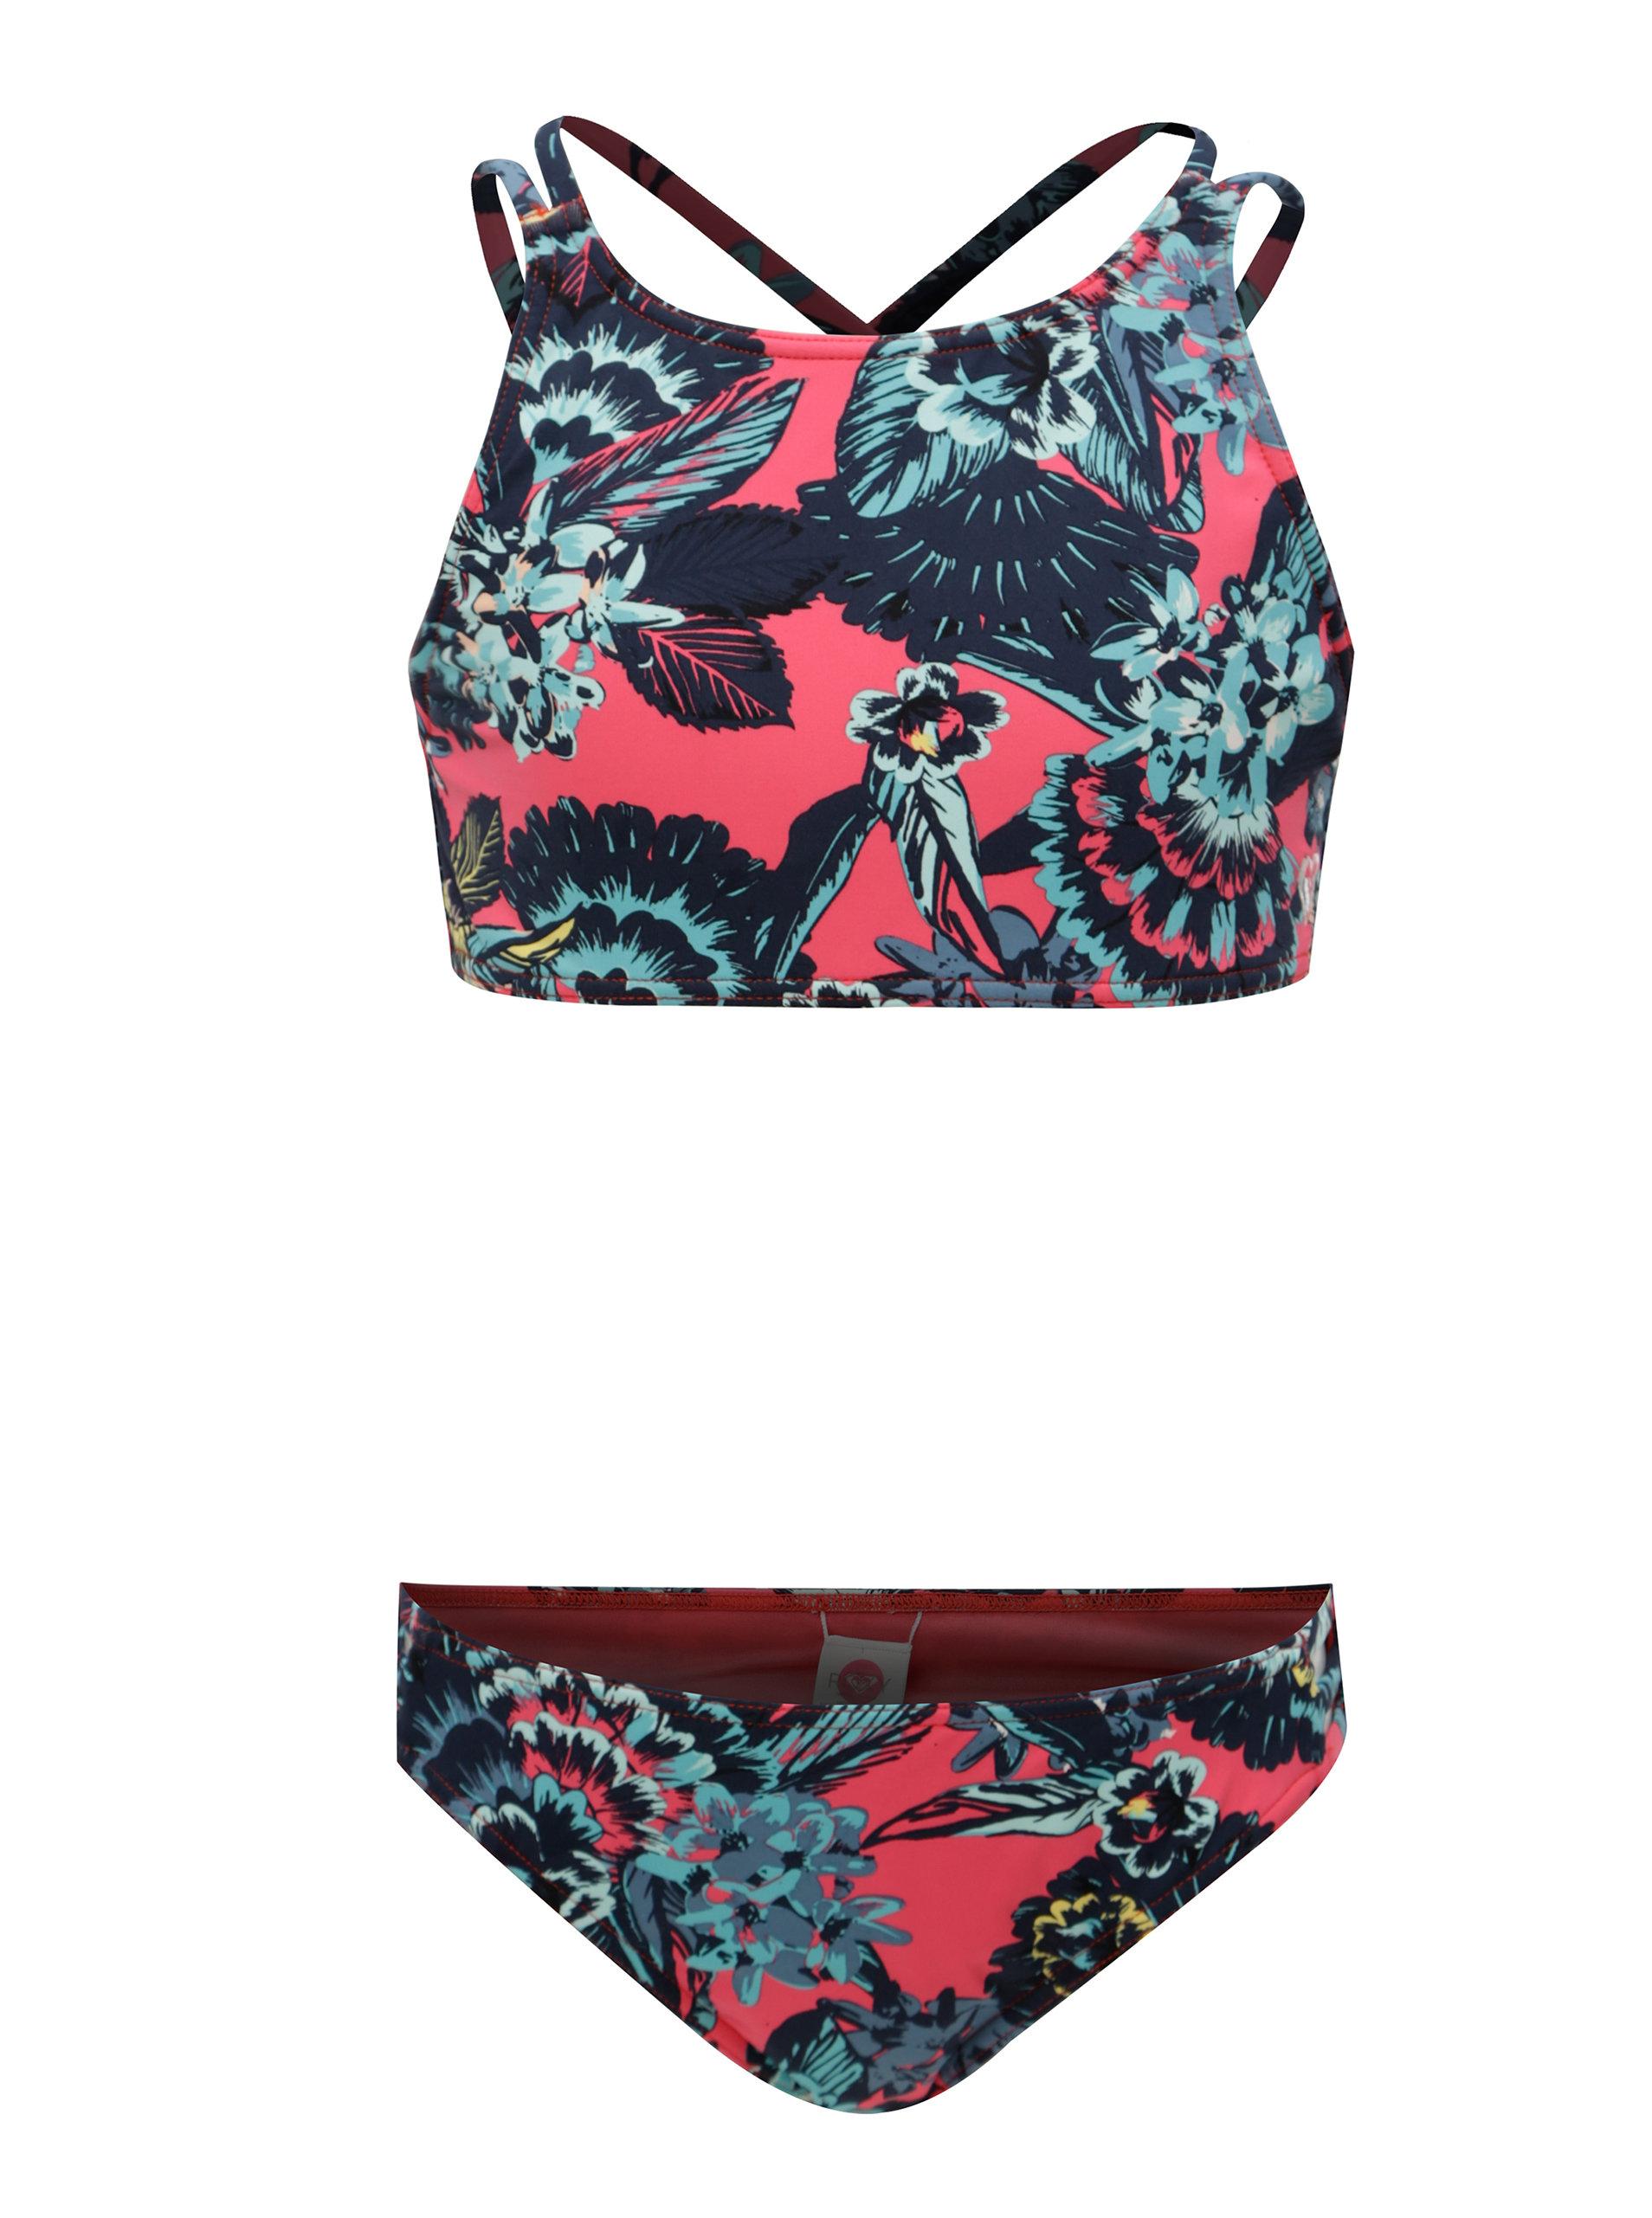 Modro-růžové holčičí květované dvoudílné plavky Roxy Le ... 8c265aab5e